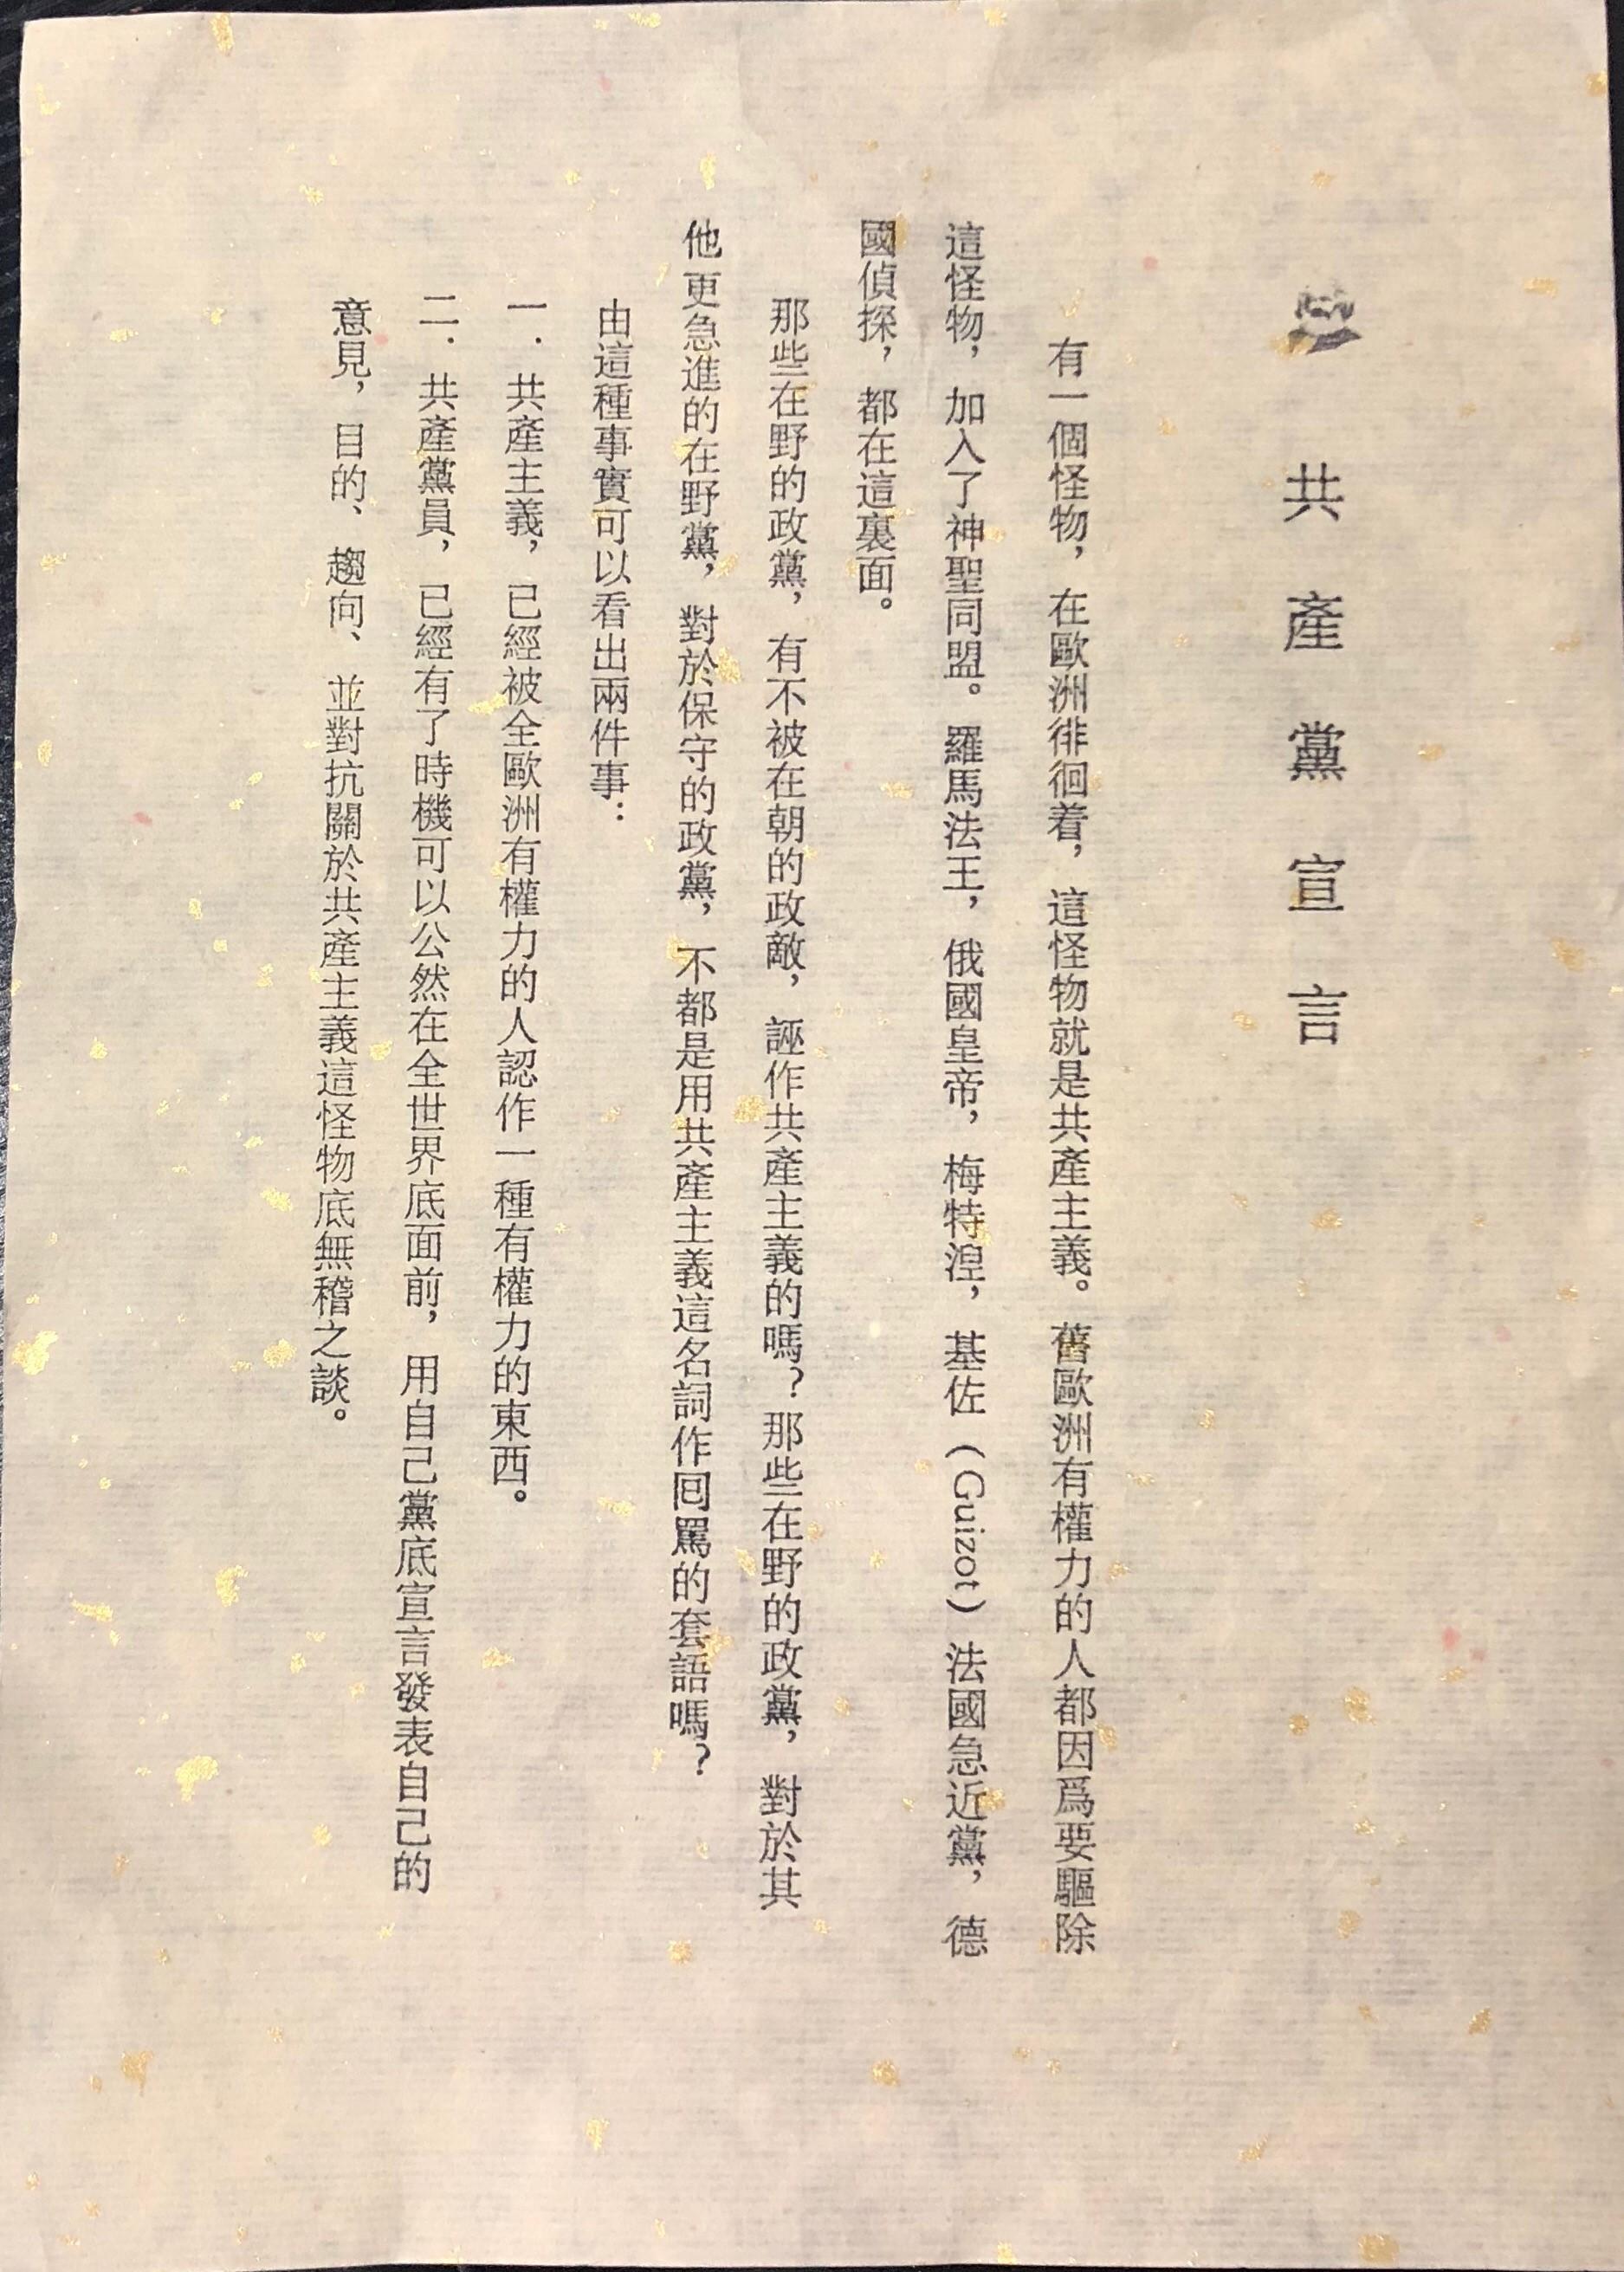 共产党宣言 文件.jpg